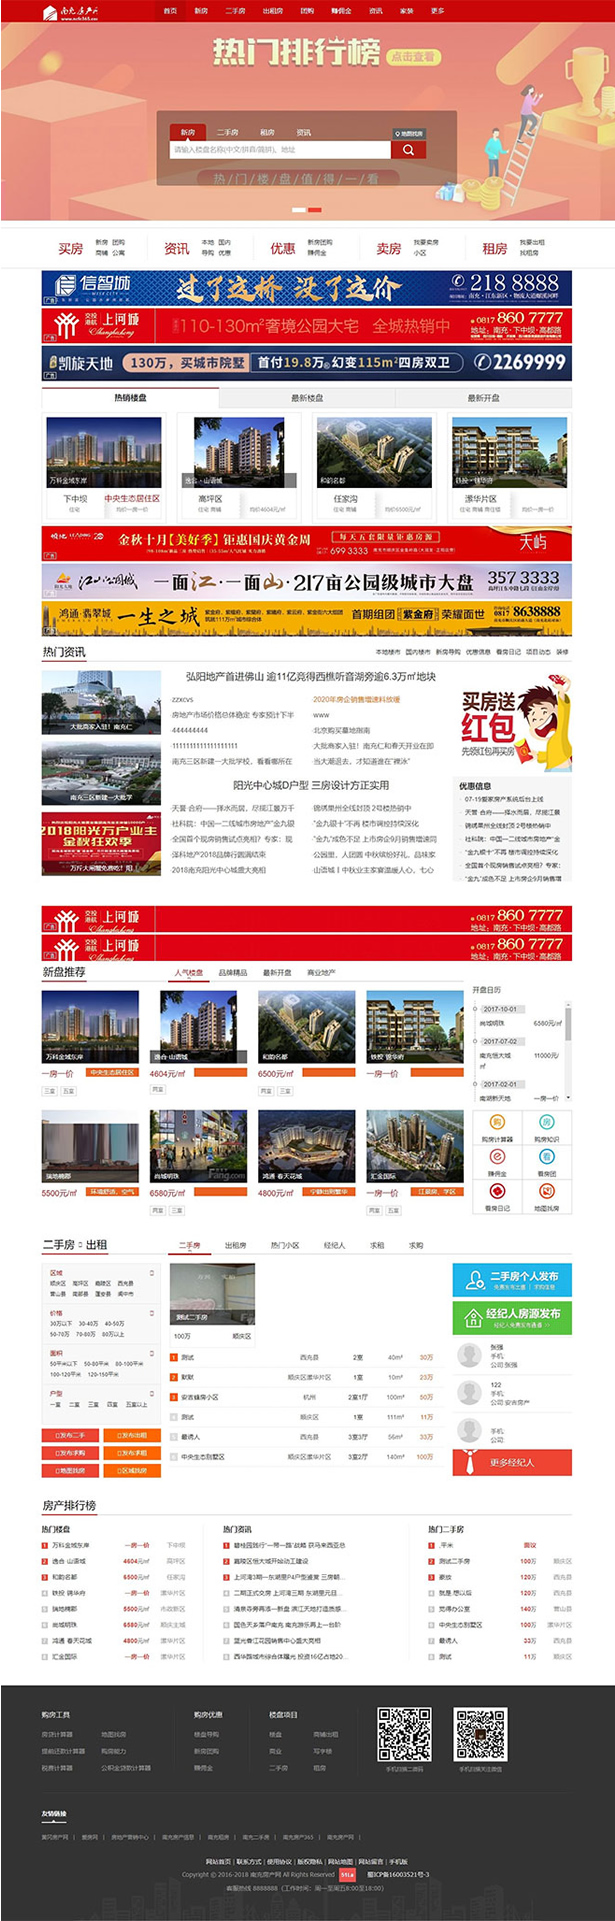 爱家AijiaCMS红色UI大气高端大型房产门户网站系统源码V9版 带WAP端-爱资源分享